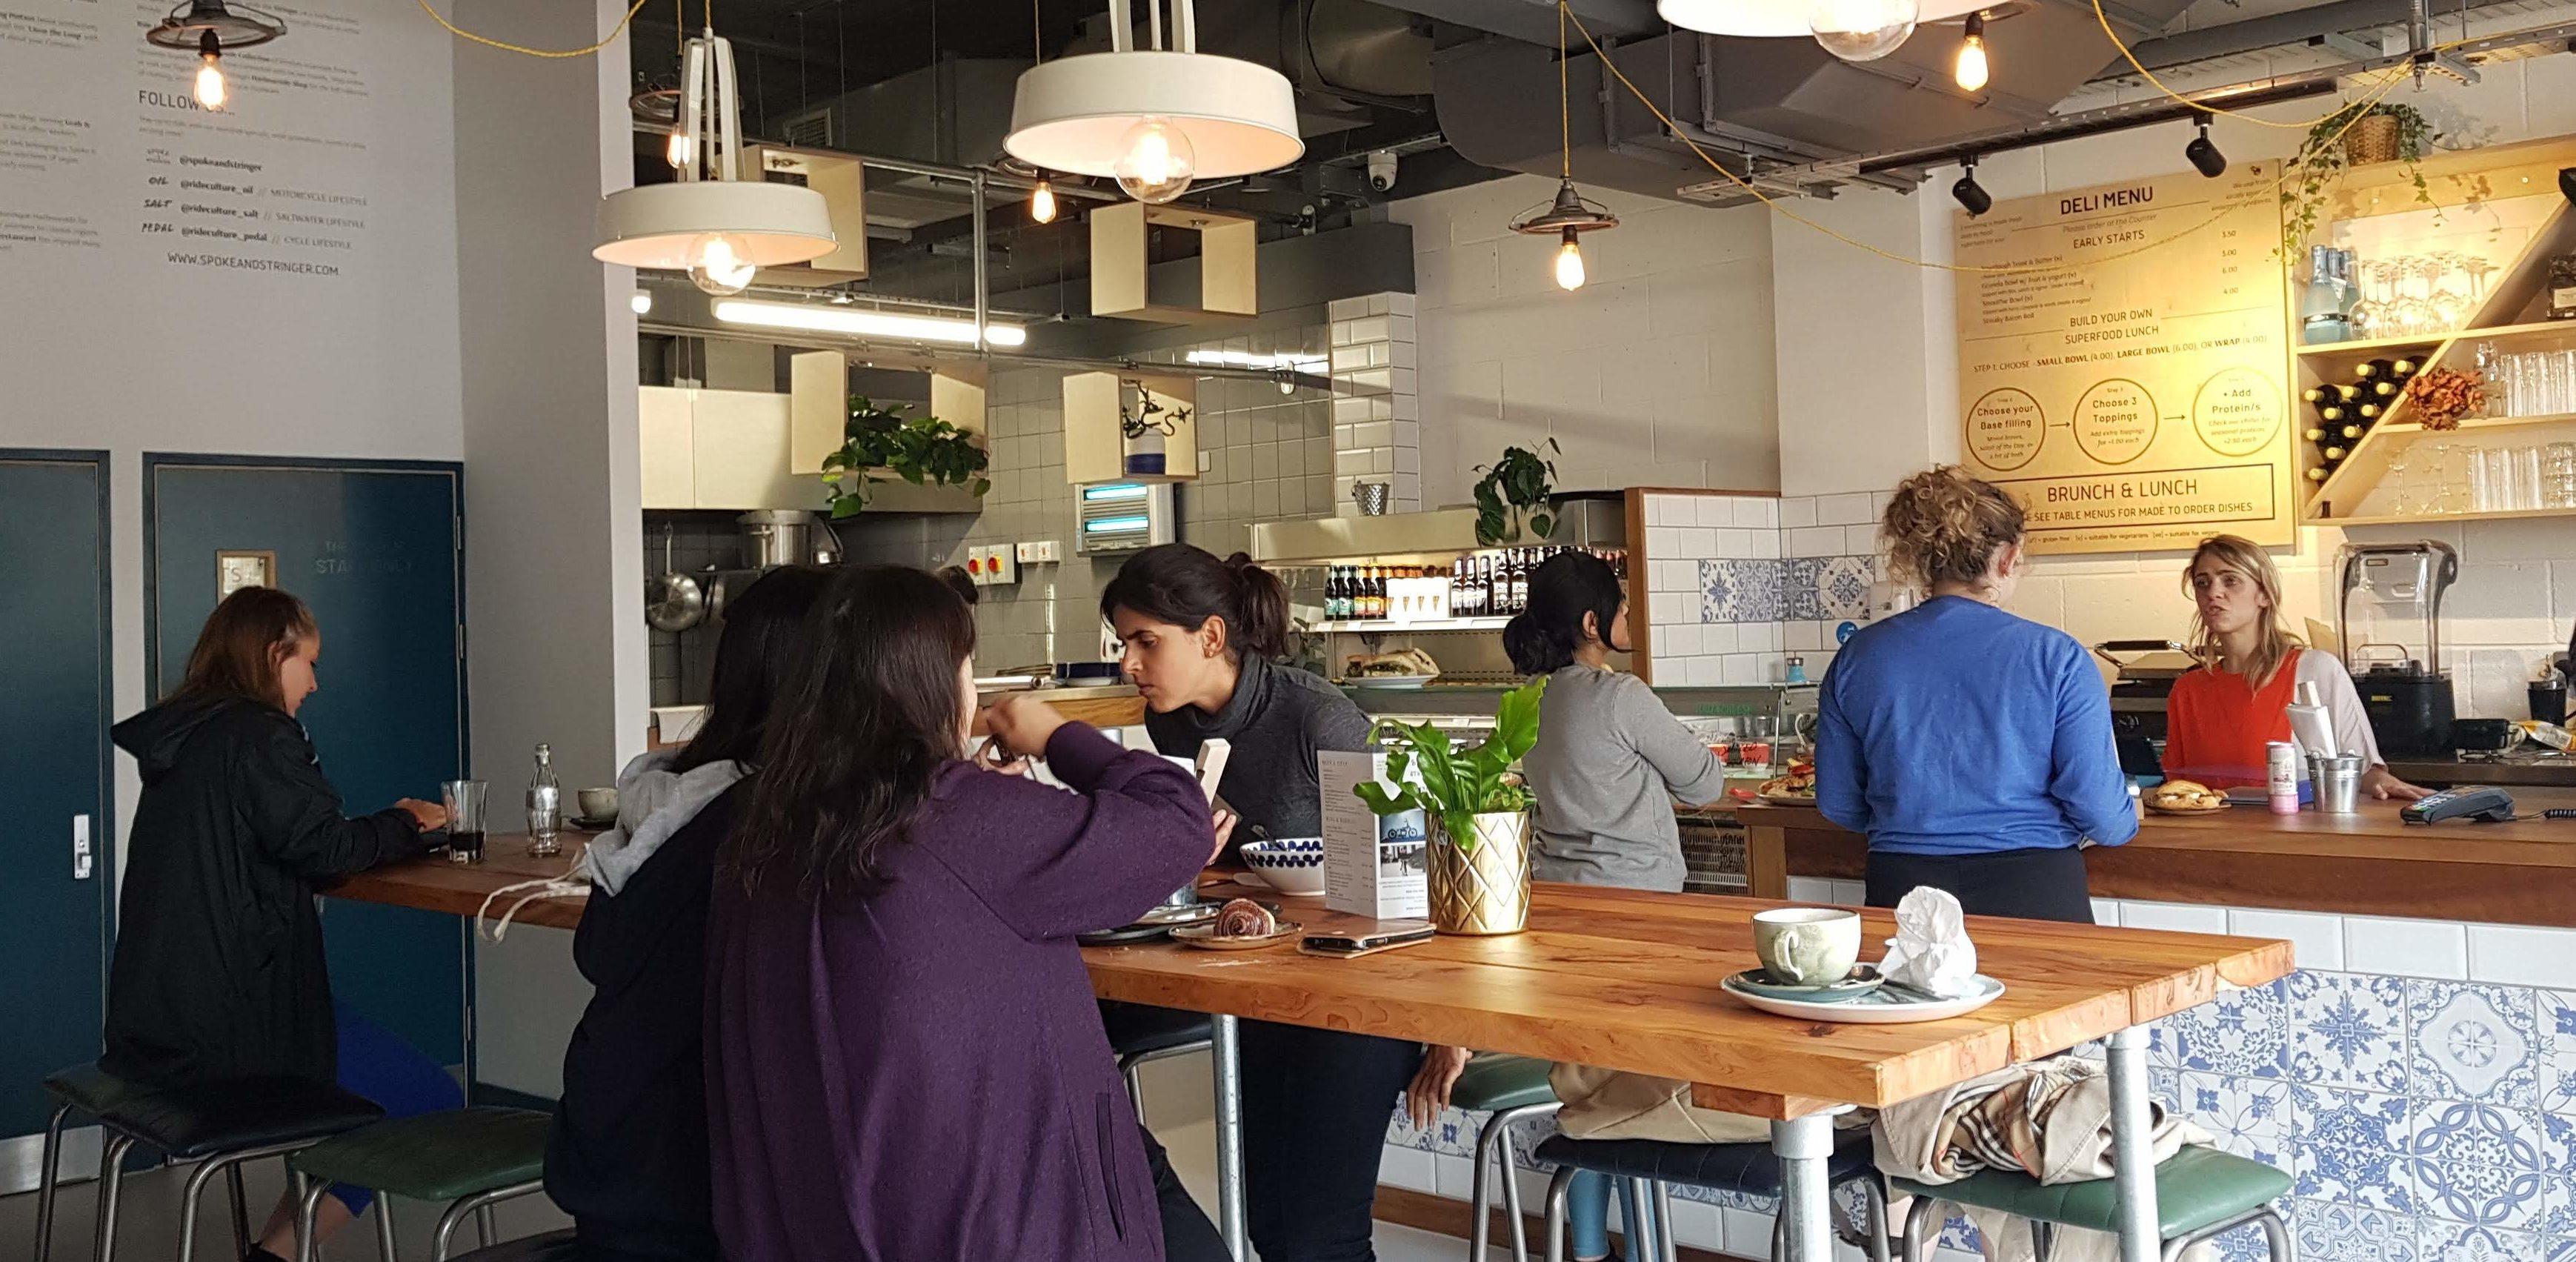 Spoke Stringer Whiteladies Road Cafe Review